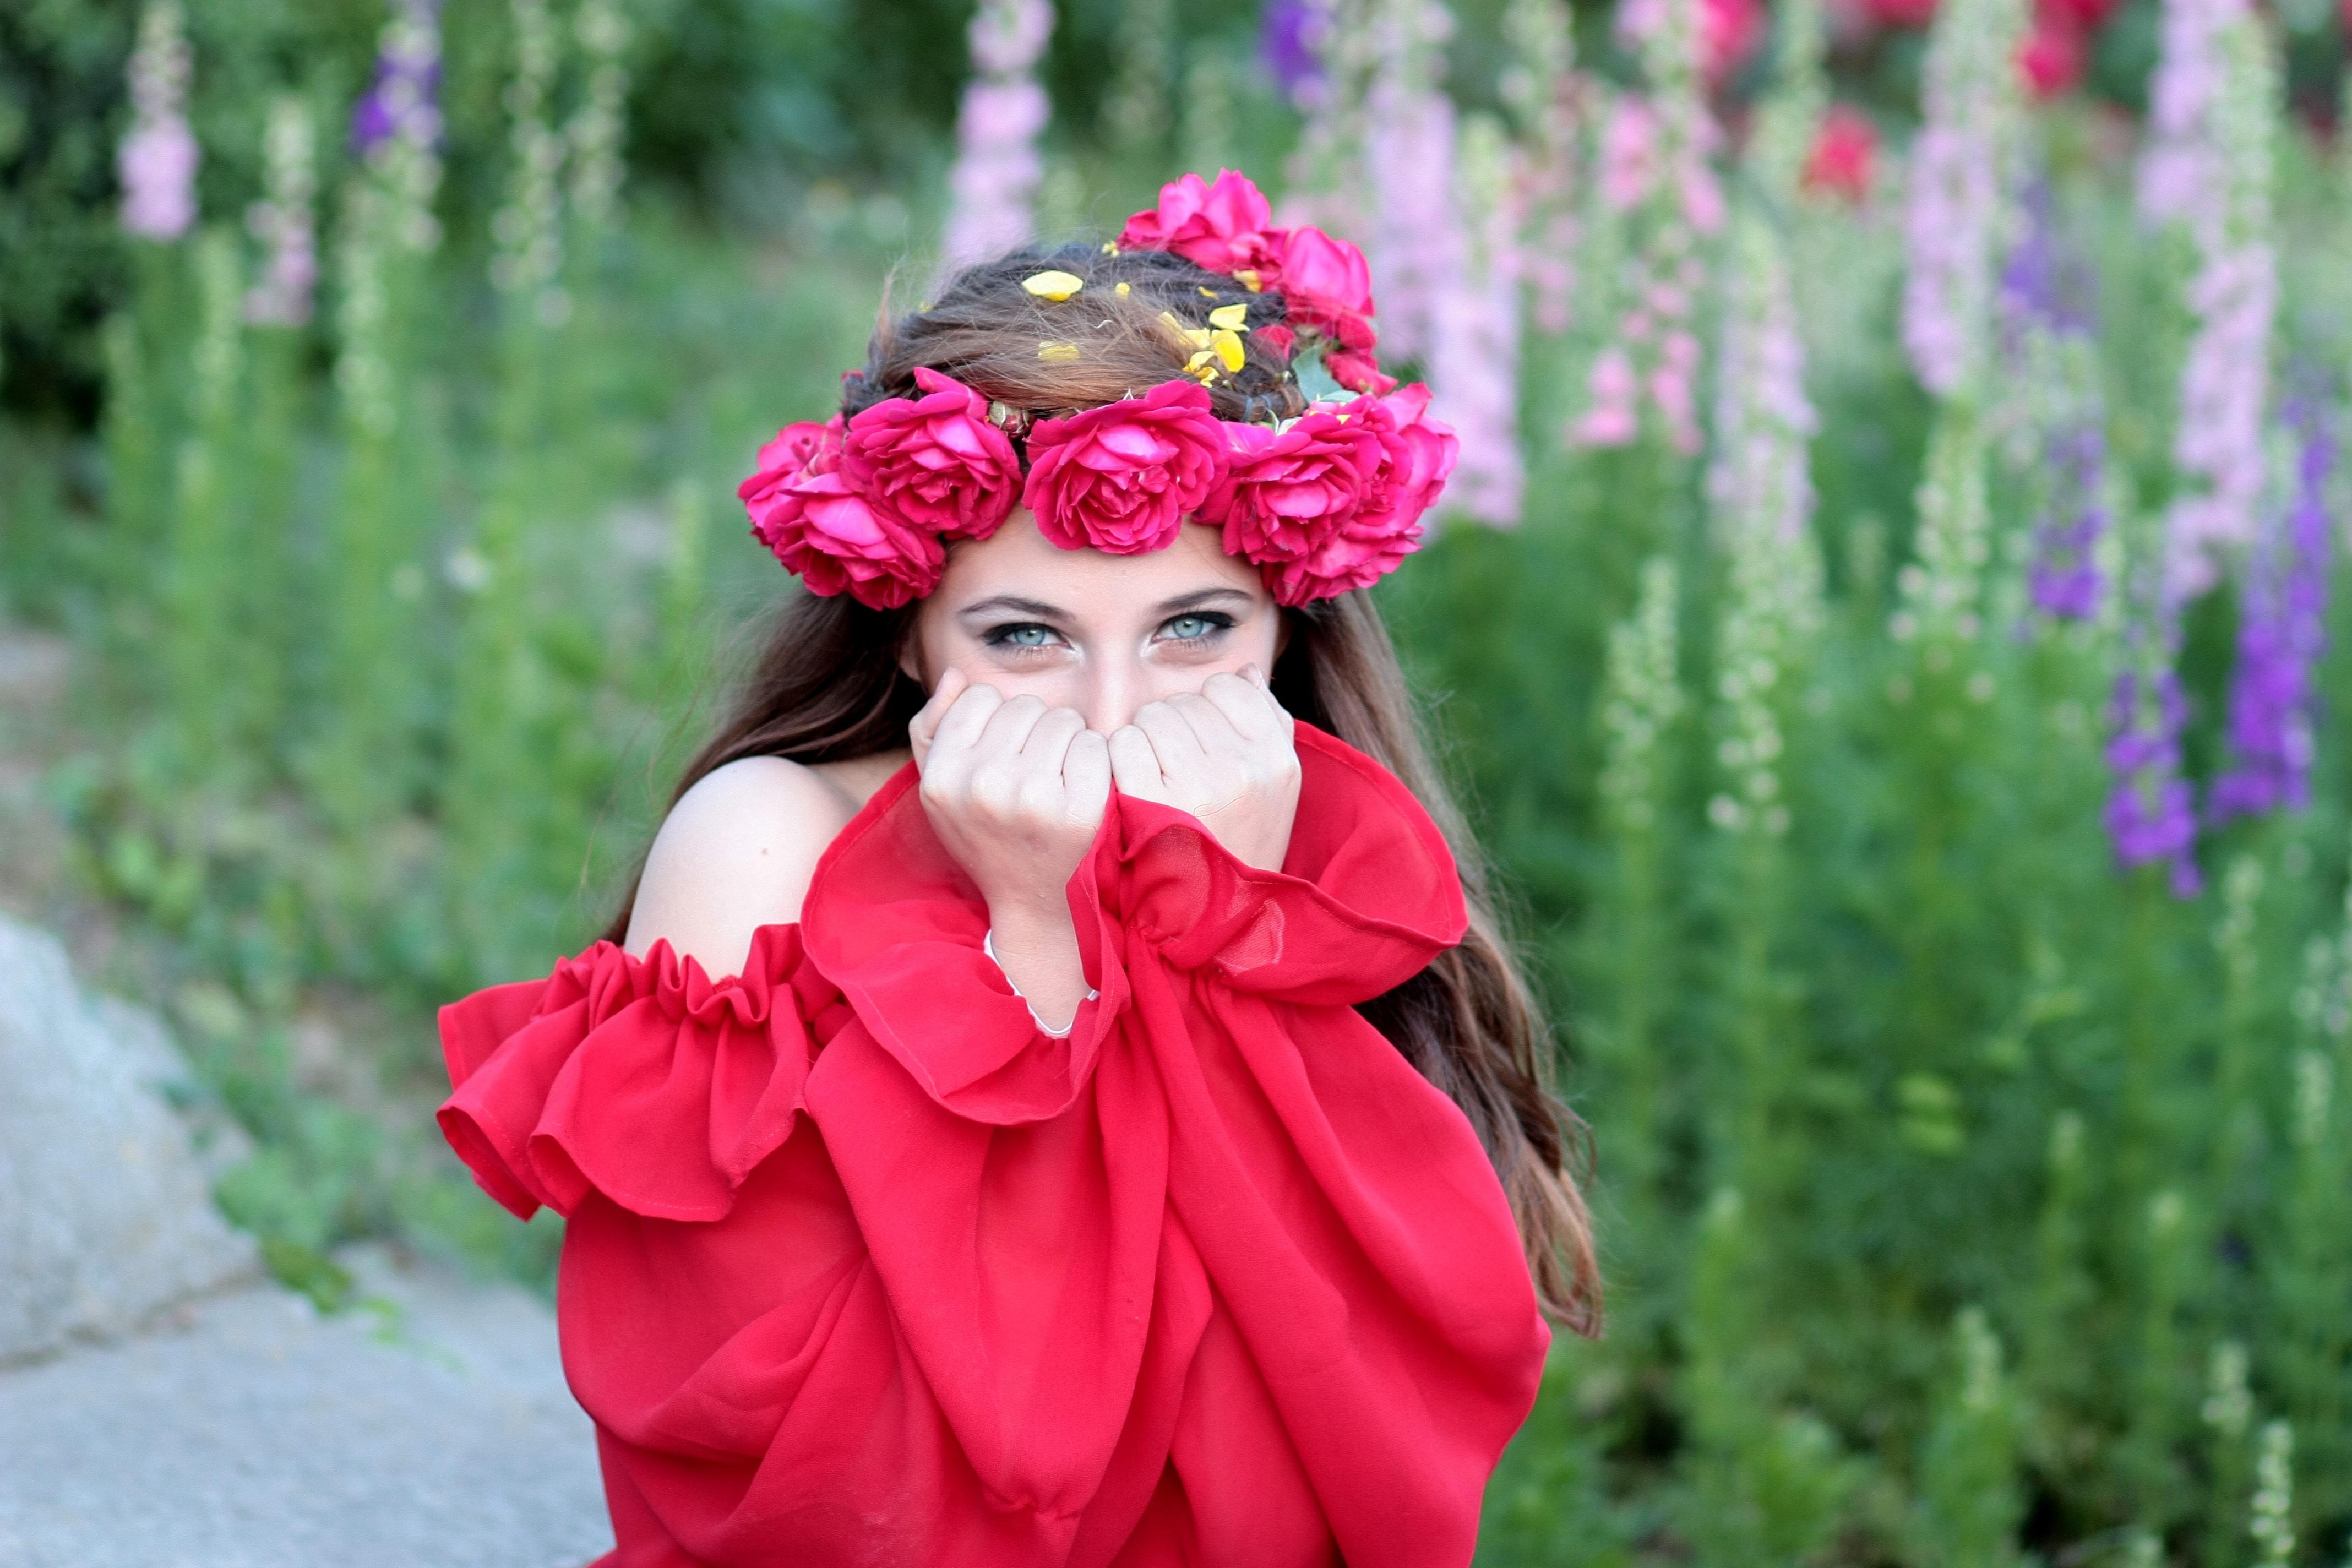 girl flower spring red wreath flowers roses beauty costume & Free Images : girl flower spring red wreath flowers roses ...